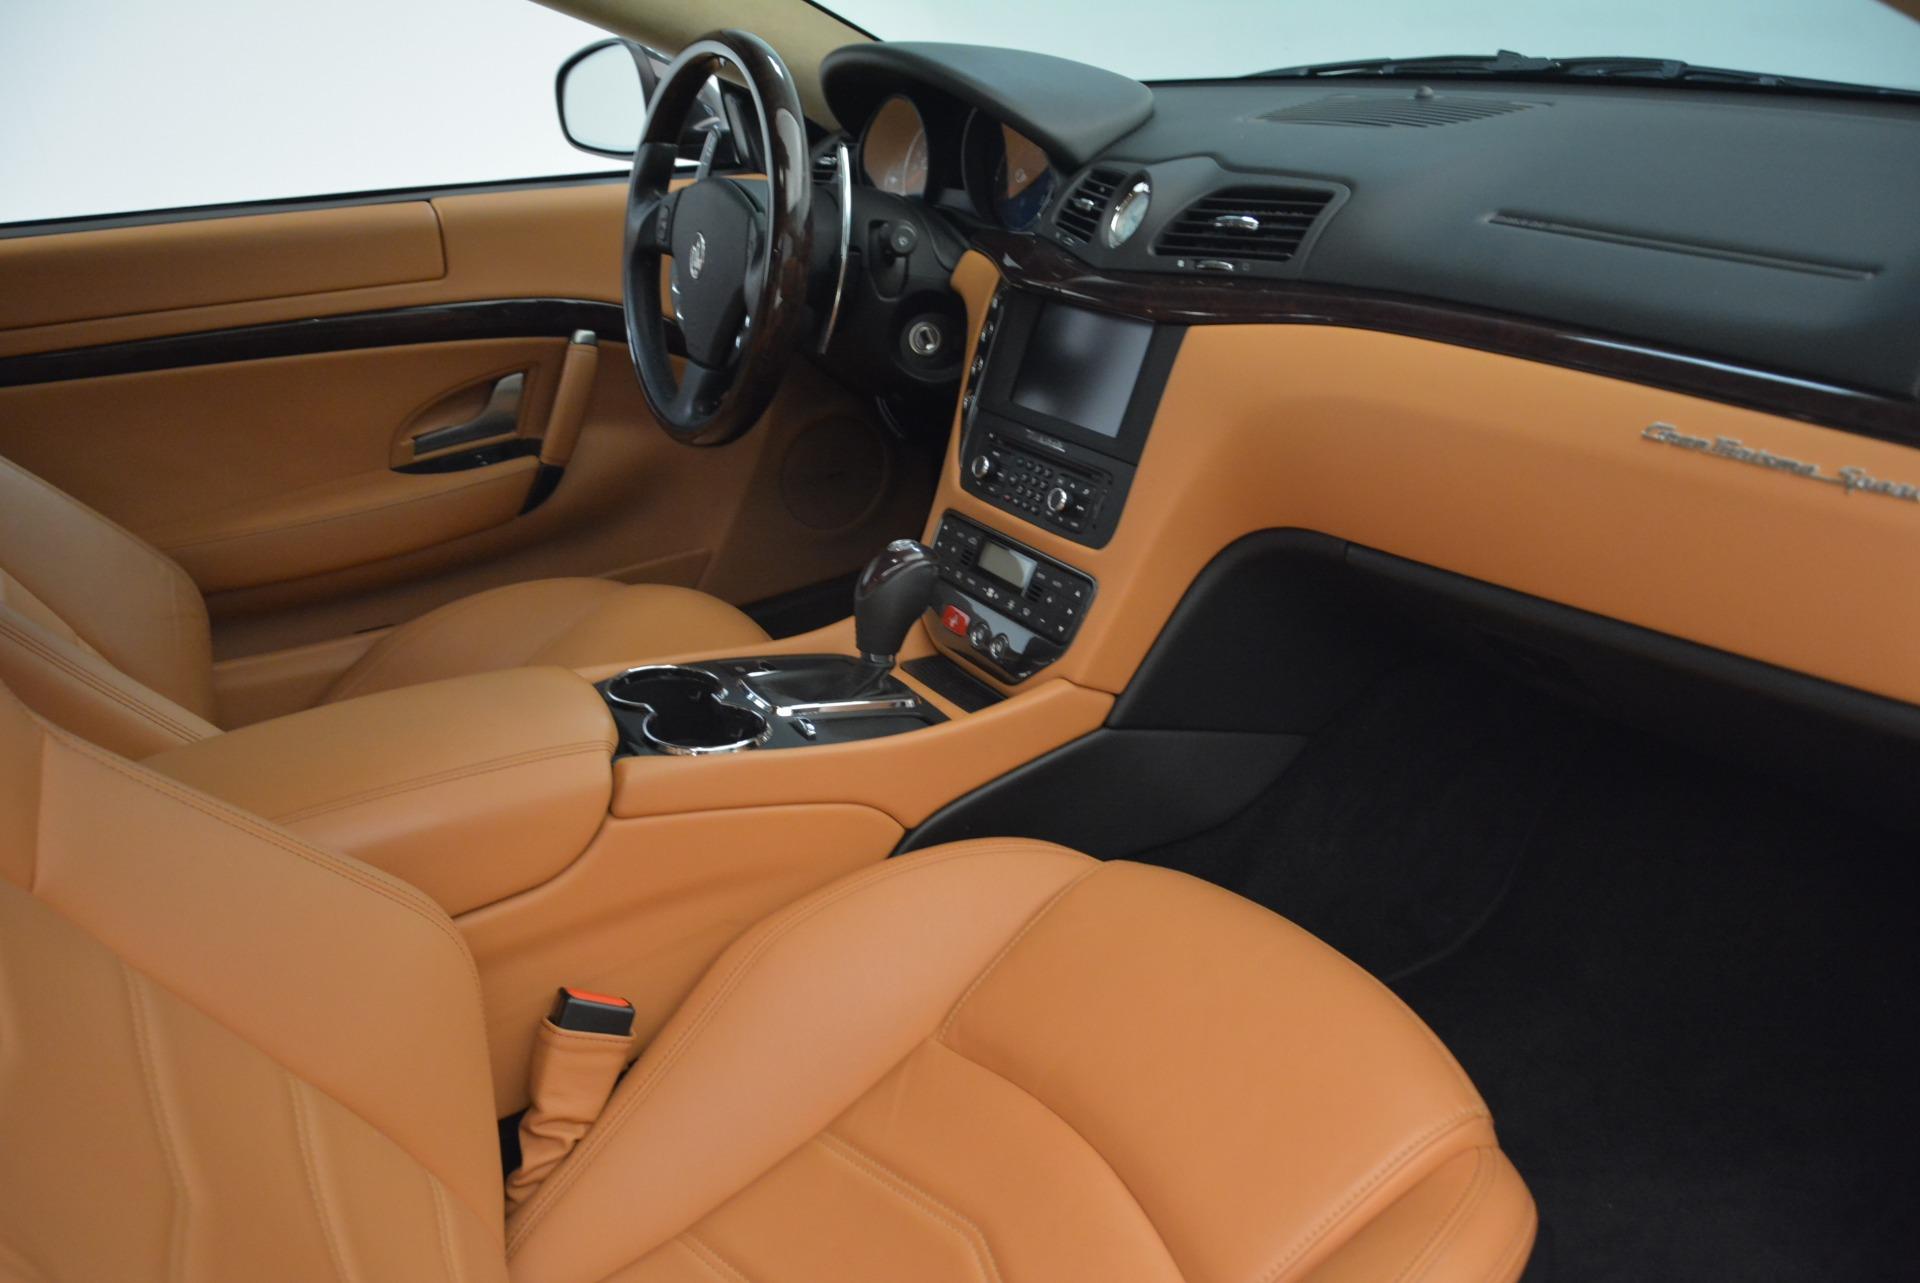 Used 2014 Maserati GranTurismo Sport For Sale In Greenwich, CT 2067_p20